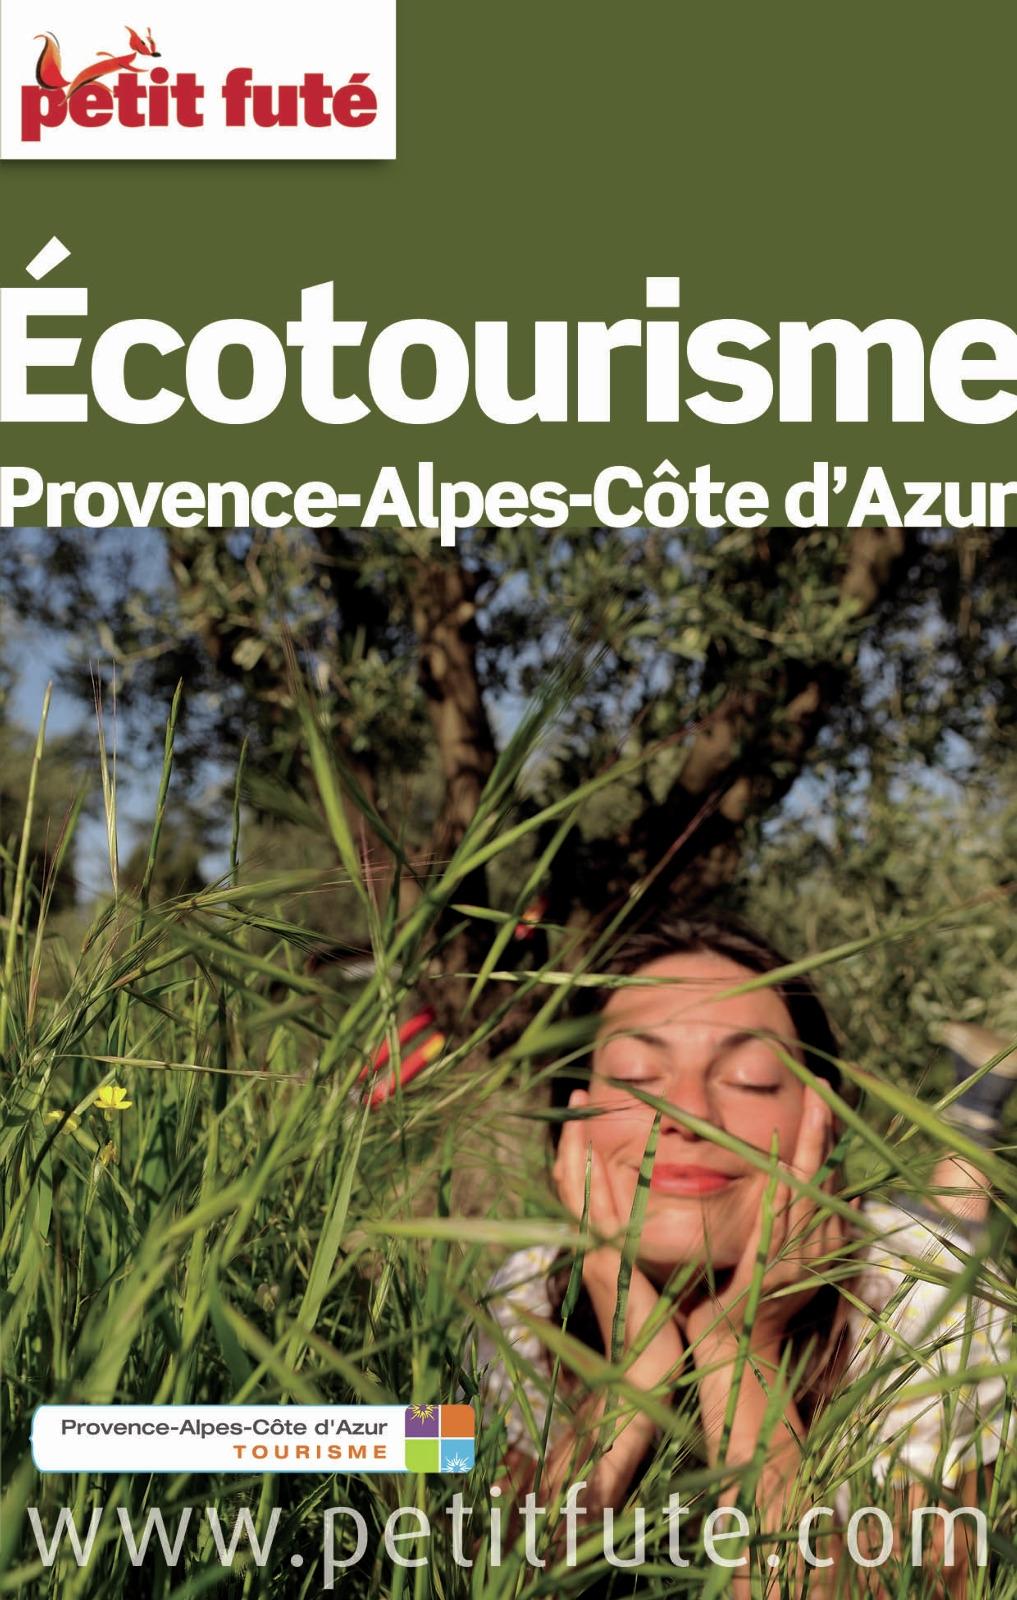 Ecotourisme 2015 Petit Futé